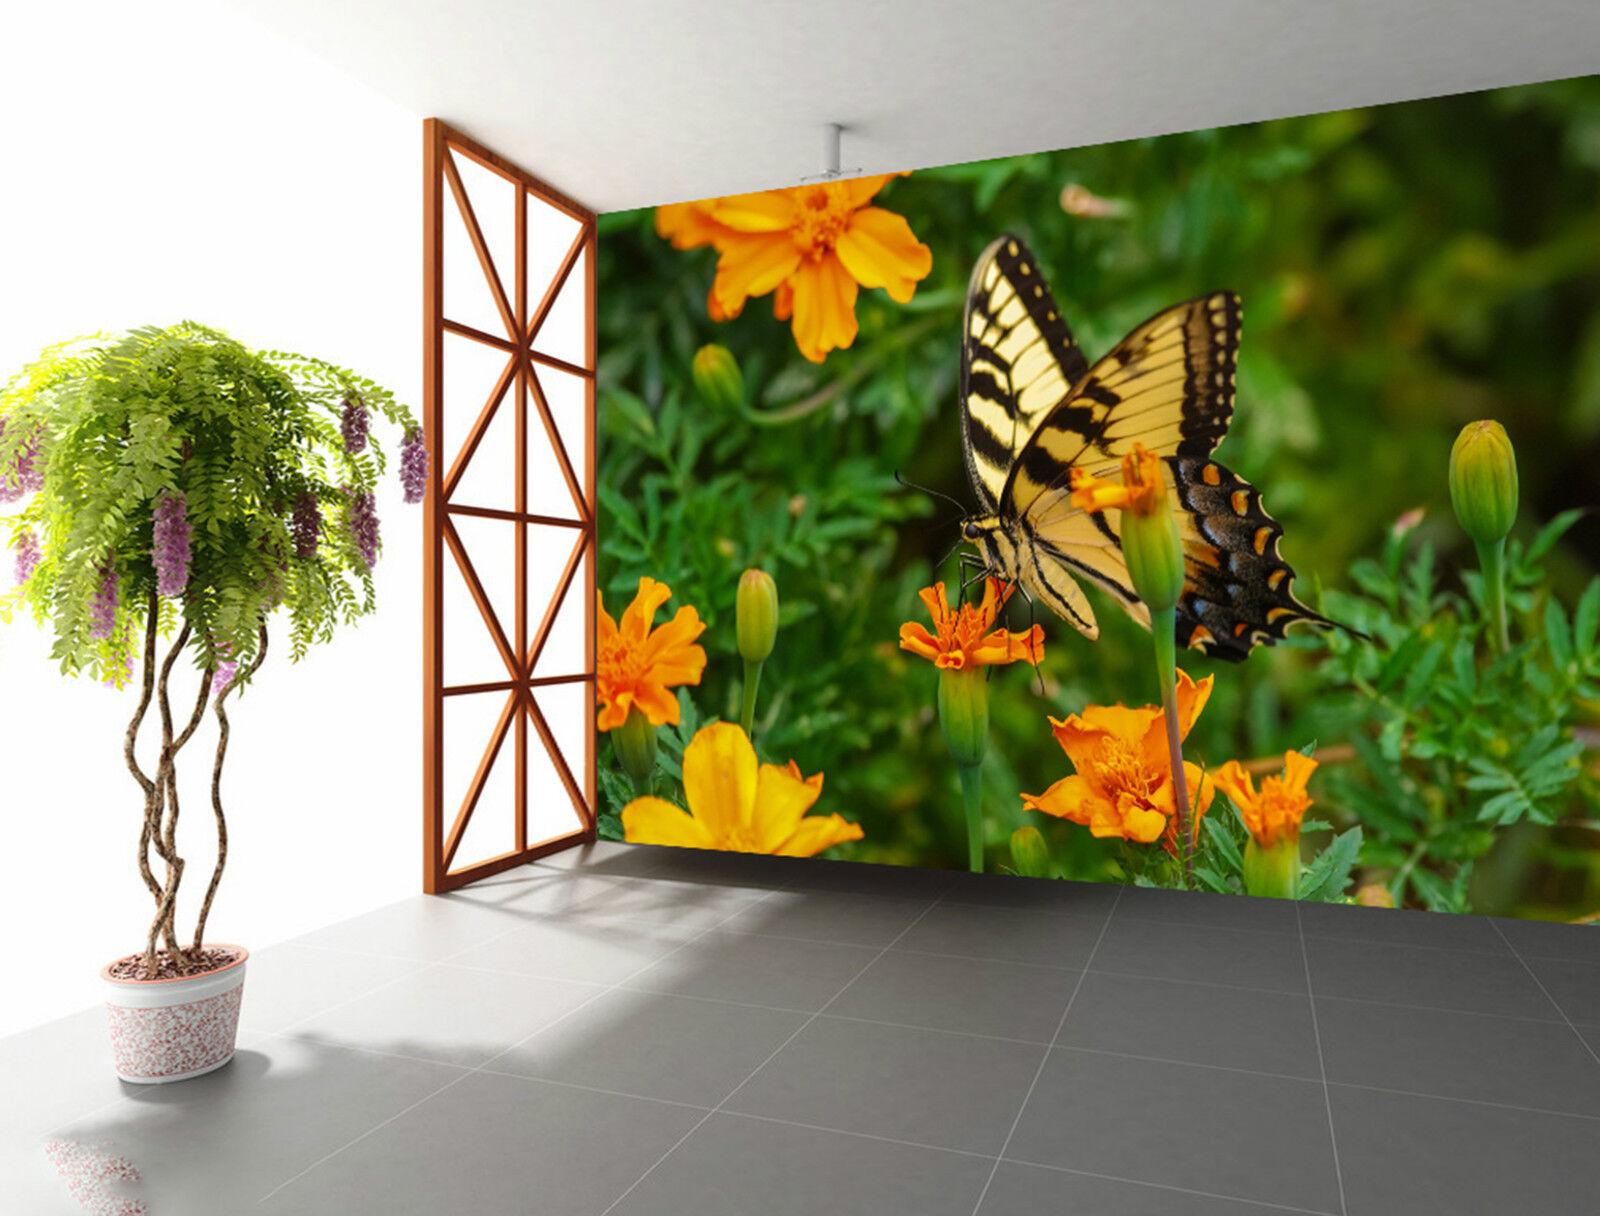 3D Butterfly 4655 Fototapeten Wandbild Fototapete Bild Tapete Familie Kinder DE